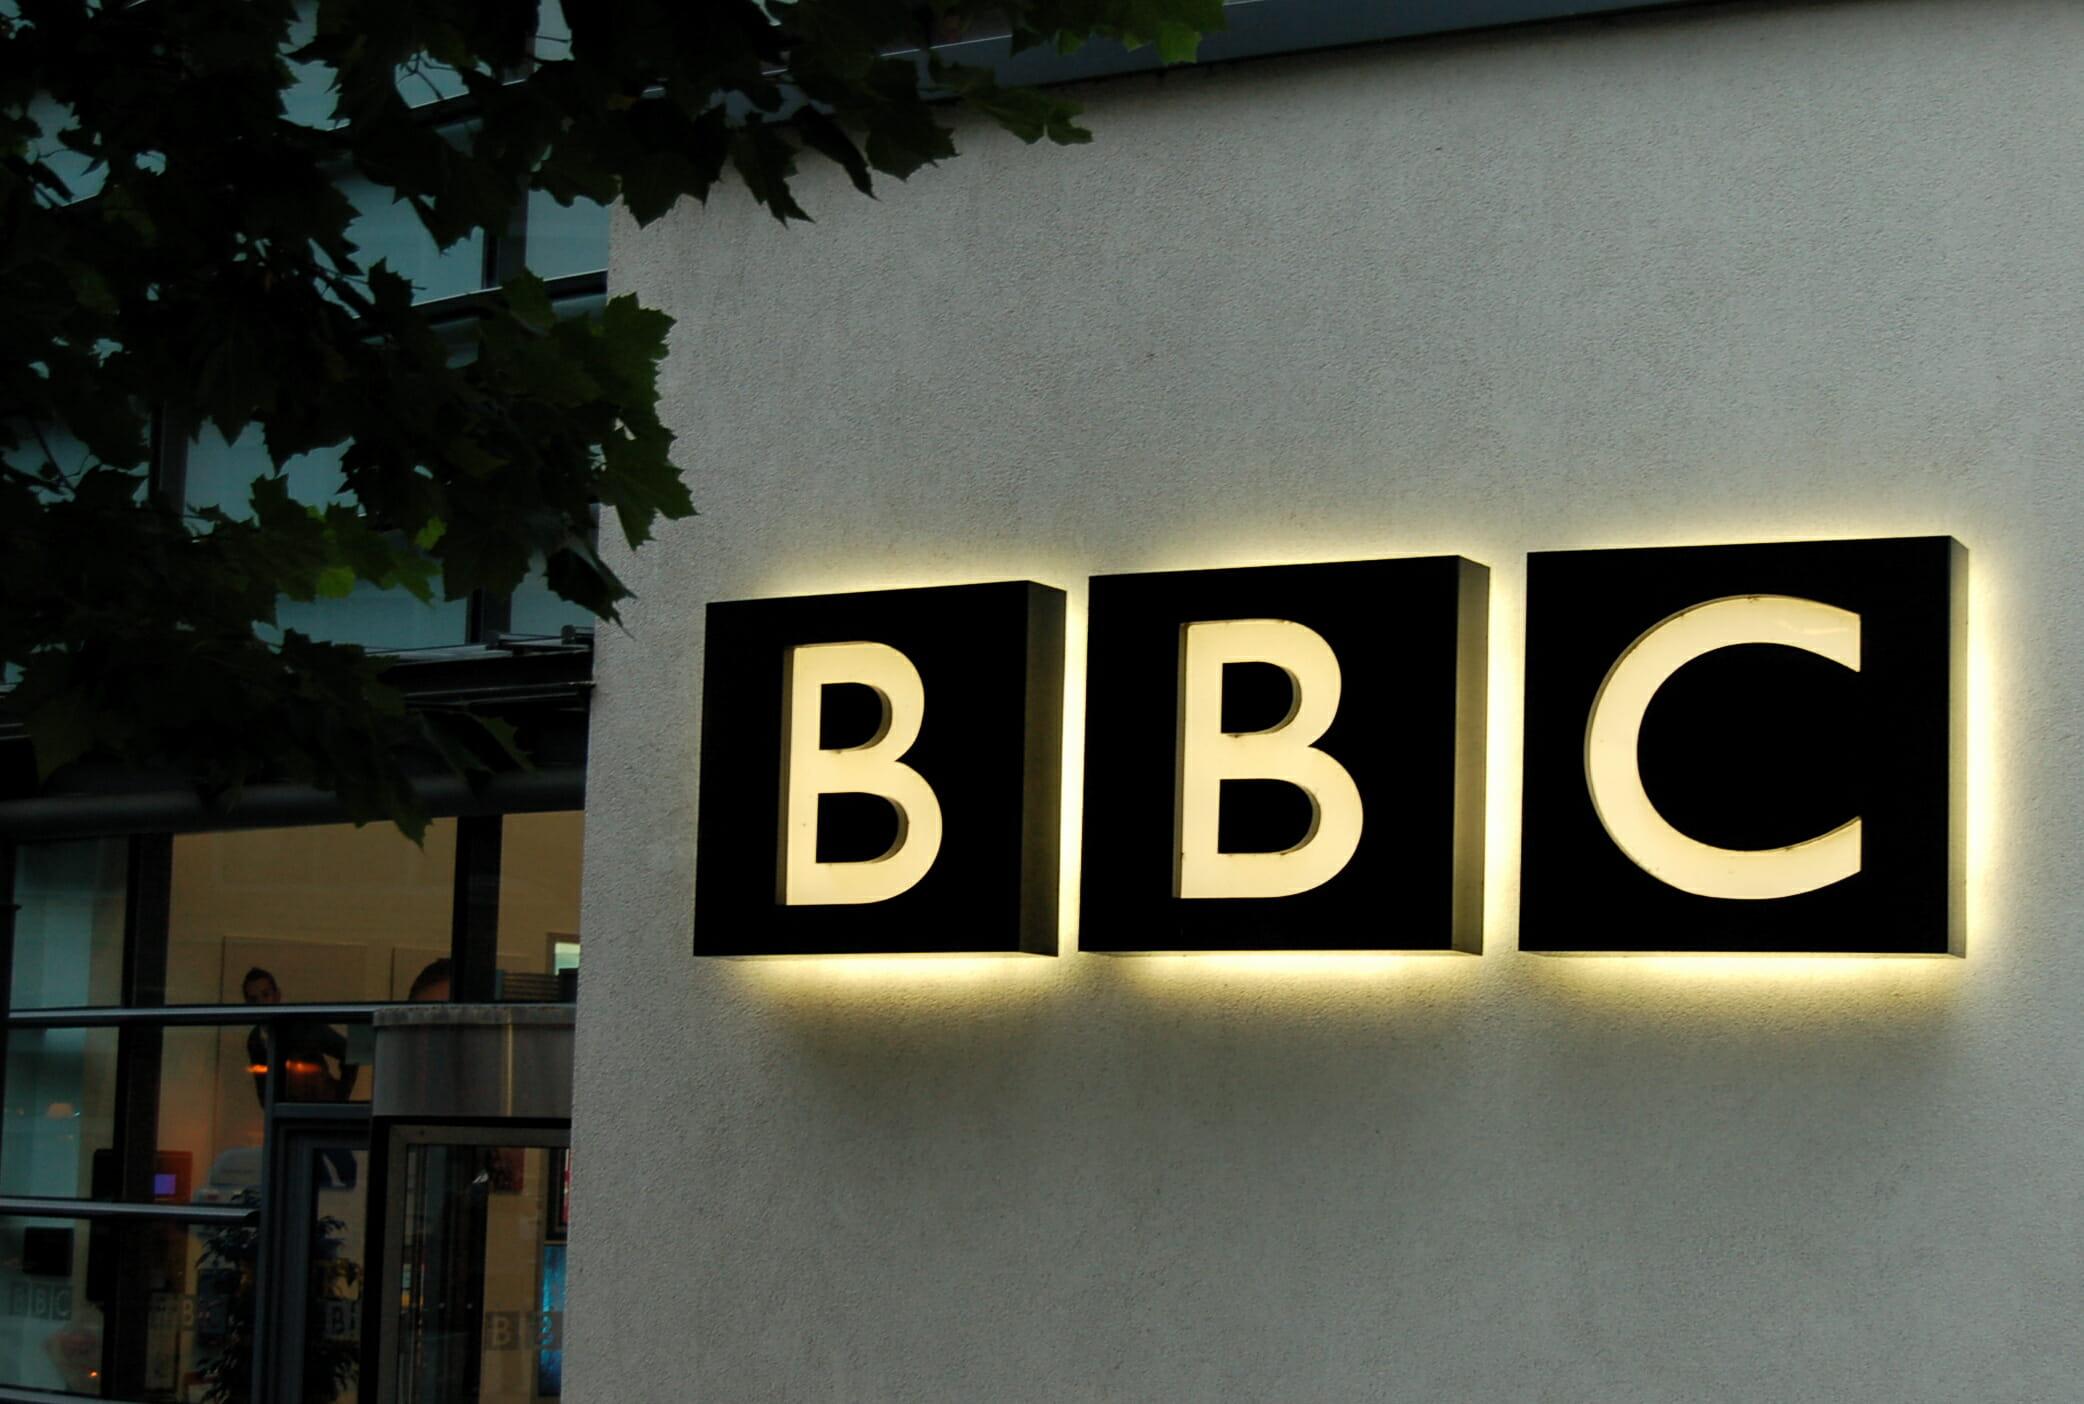 Premierminister David Cameron til BBC: Stop brugen af navnet Islamisk Stat